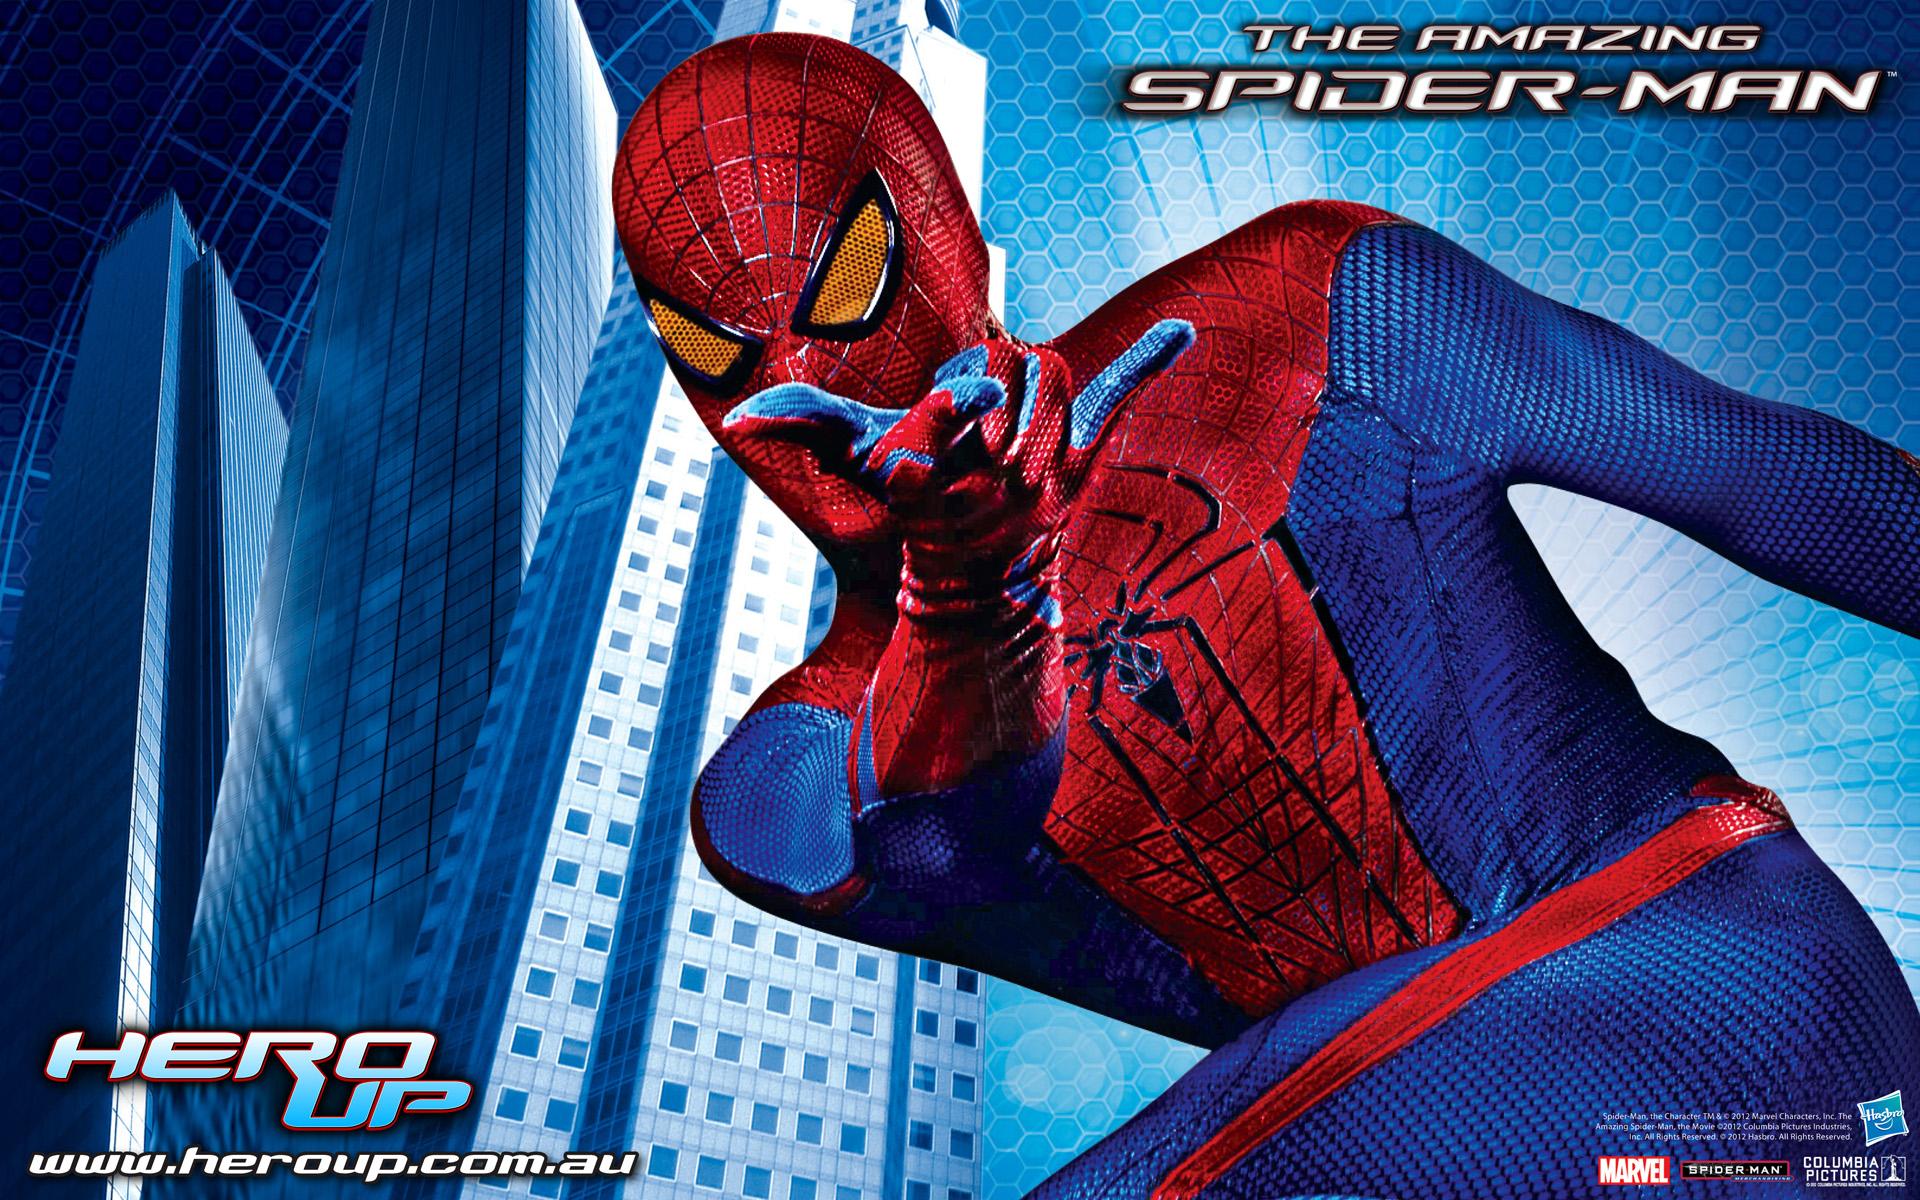 Amazing Spider Man 2 Wallpaper 1112415 1920x1200